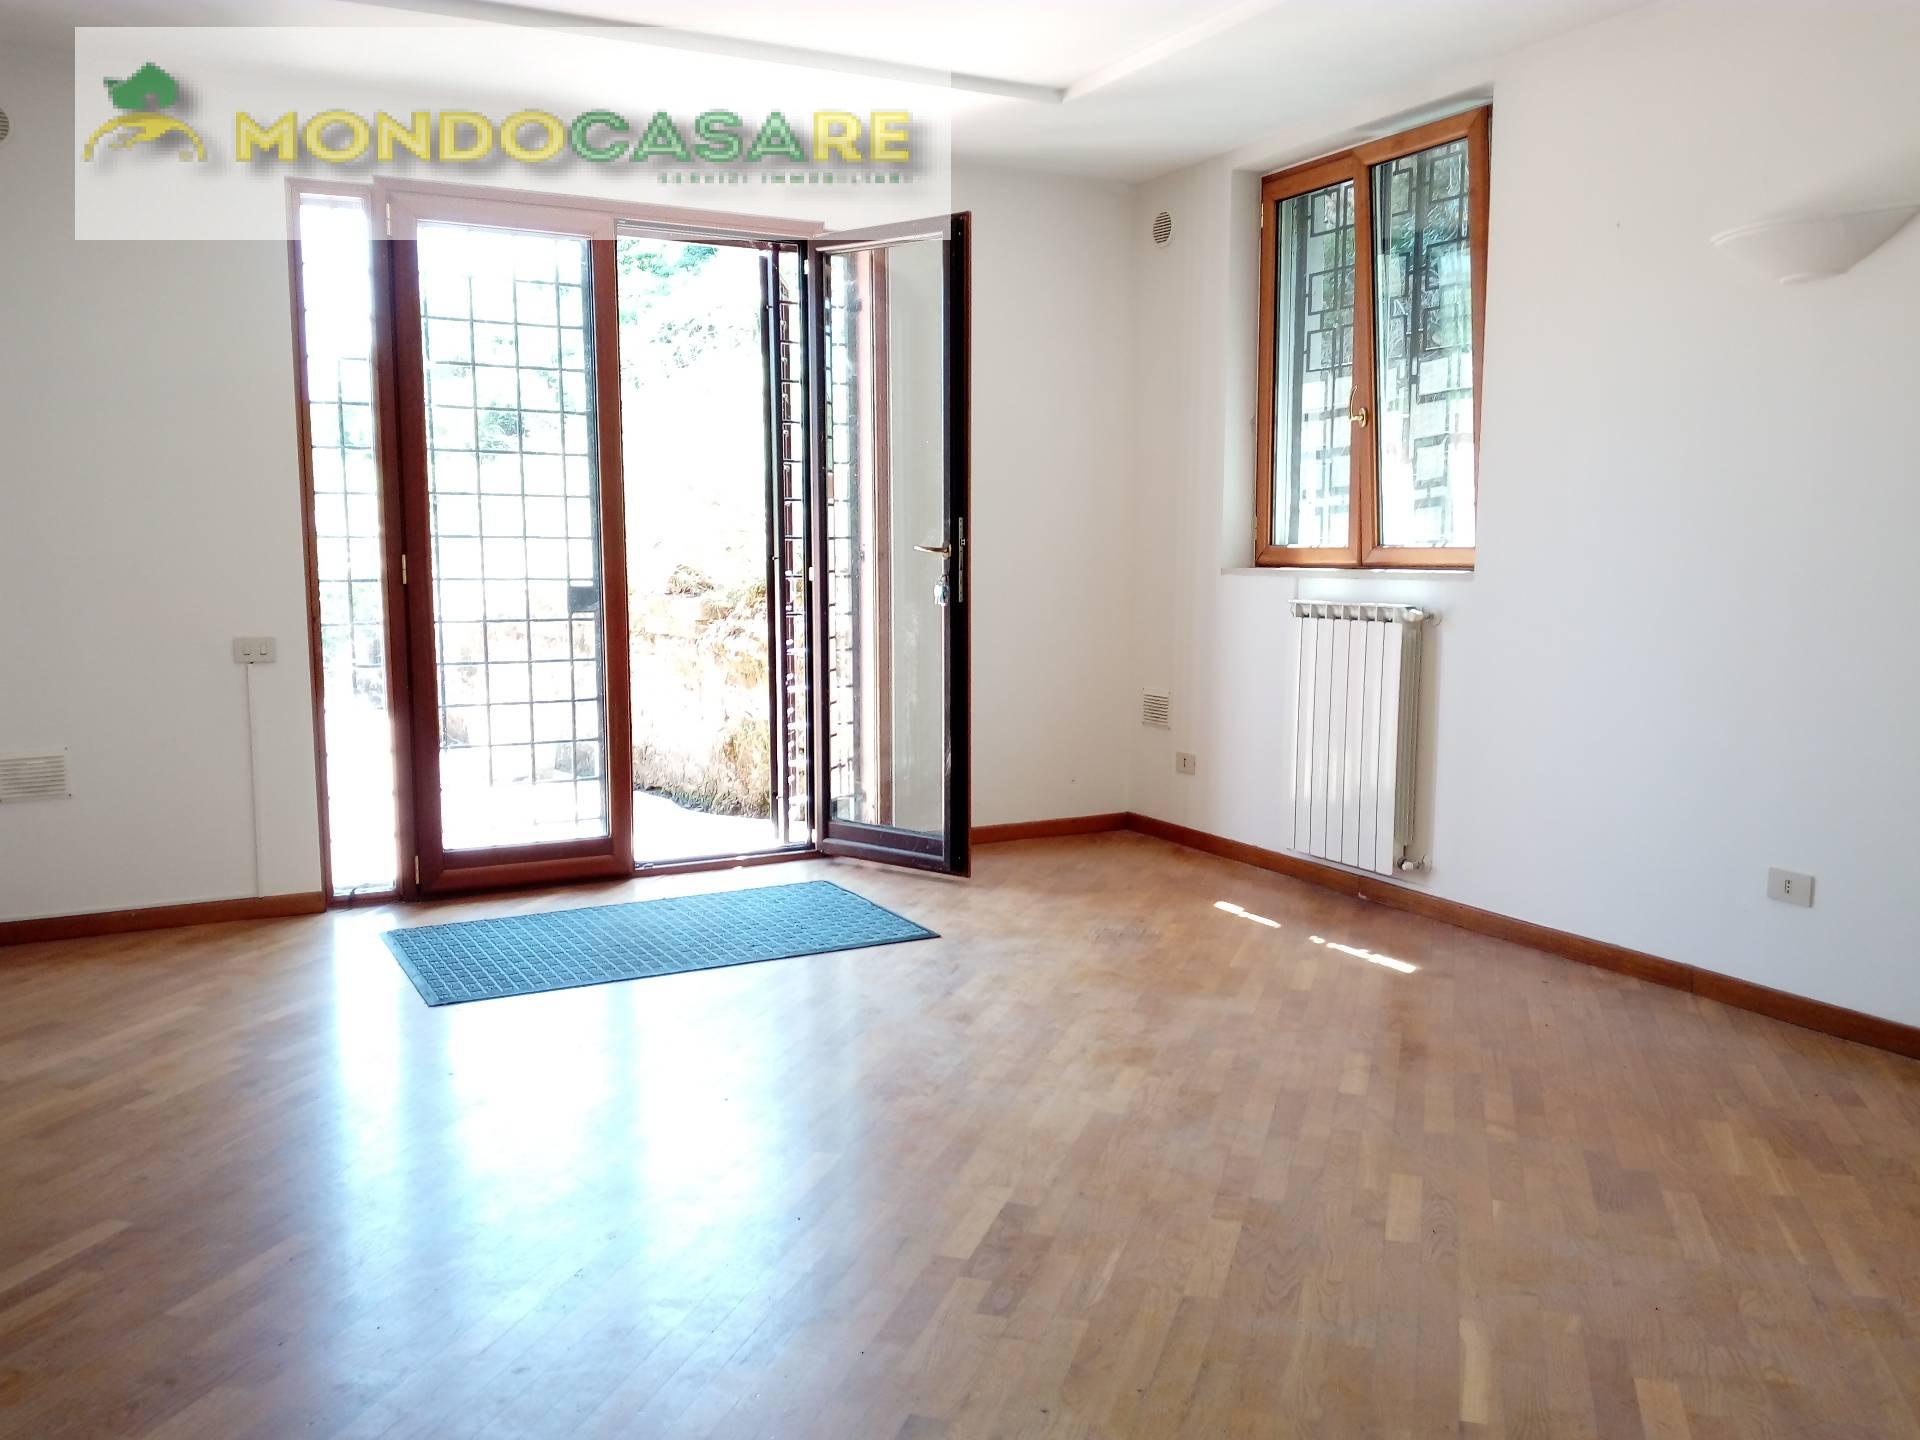 Villa in affitto a Palombara Sabina, 3 locali, prezzo € 650 | Cambio Casa.it